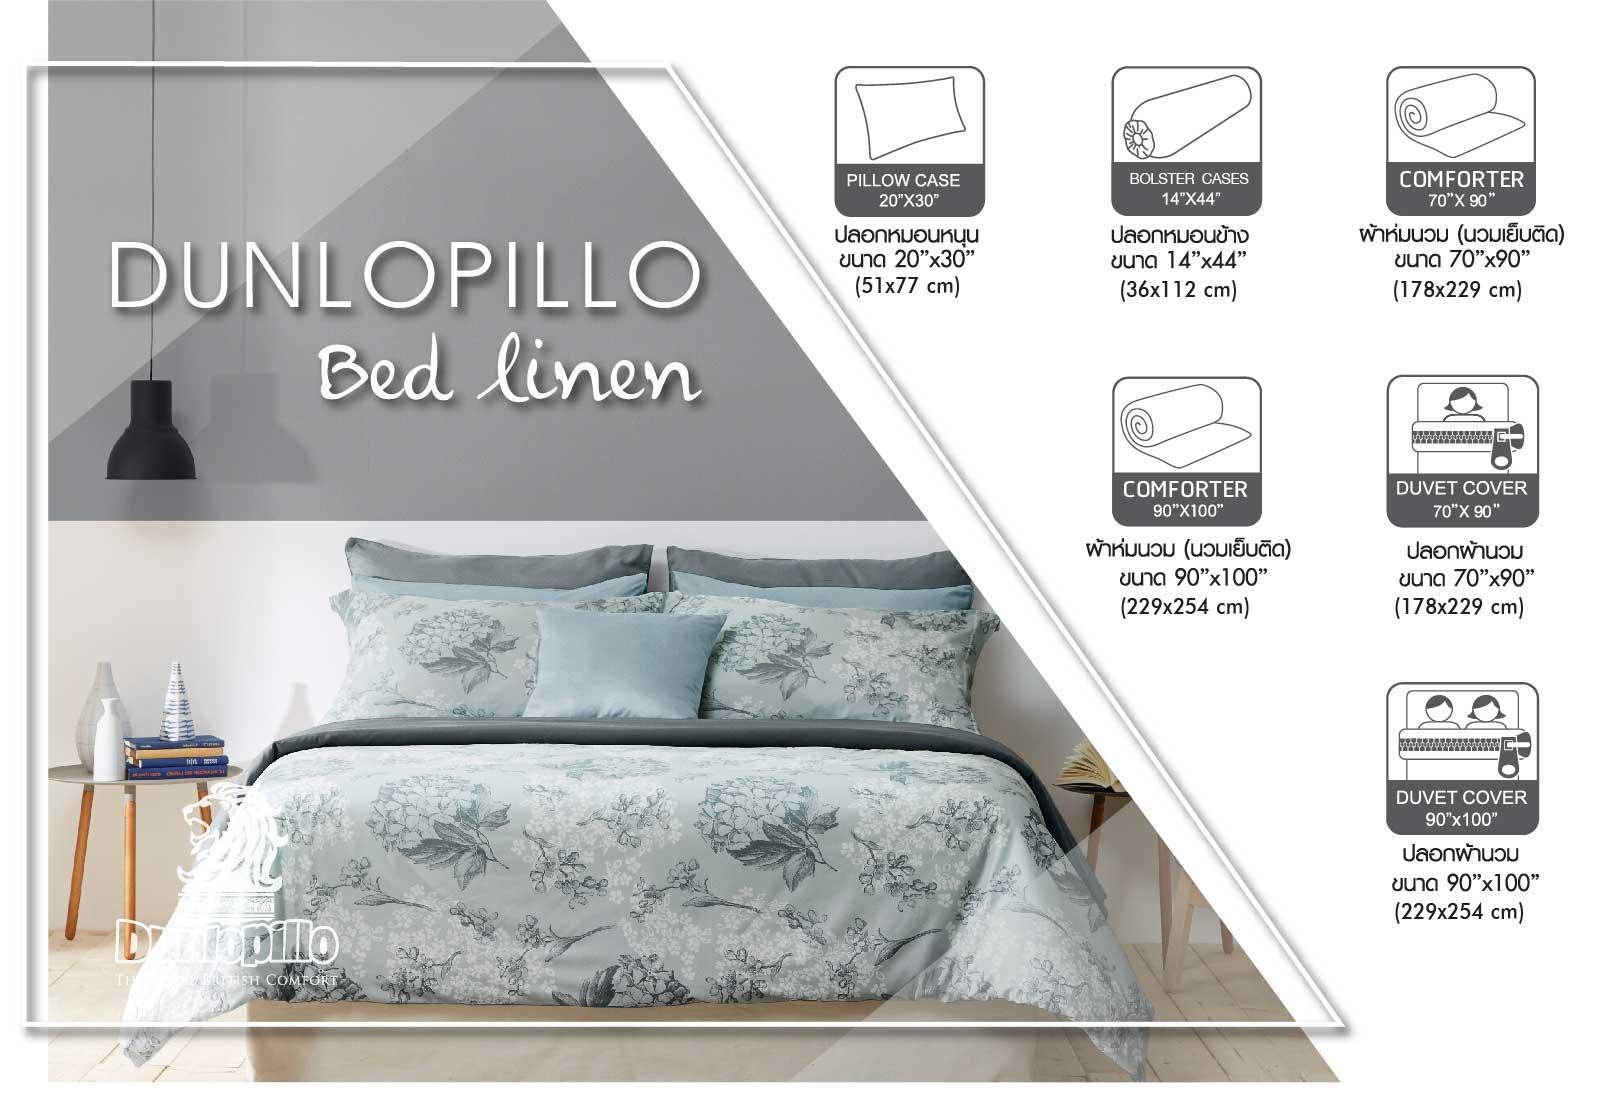 Dunlopillo รุ่น Monoblog ชุดผ้าปูที่นอน DL-My-MINT